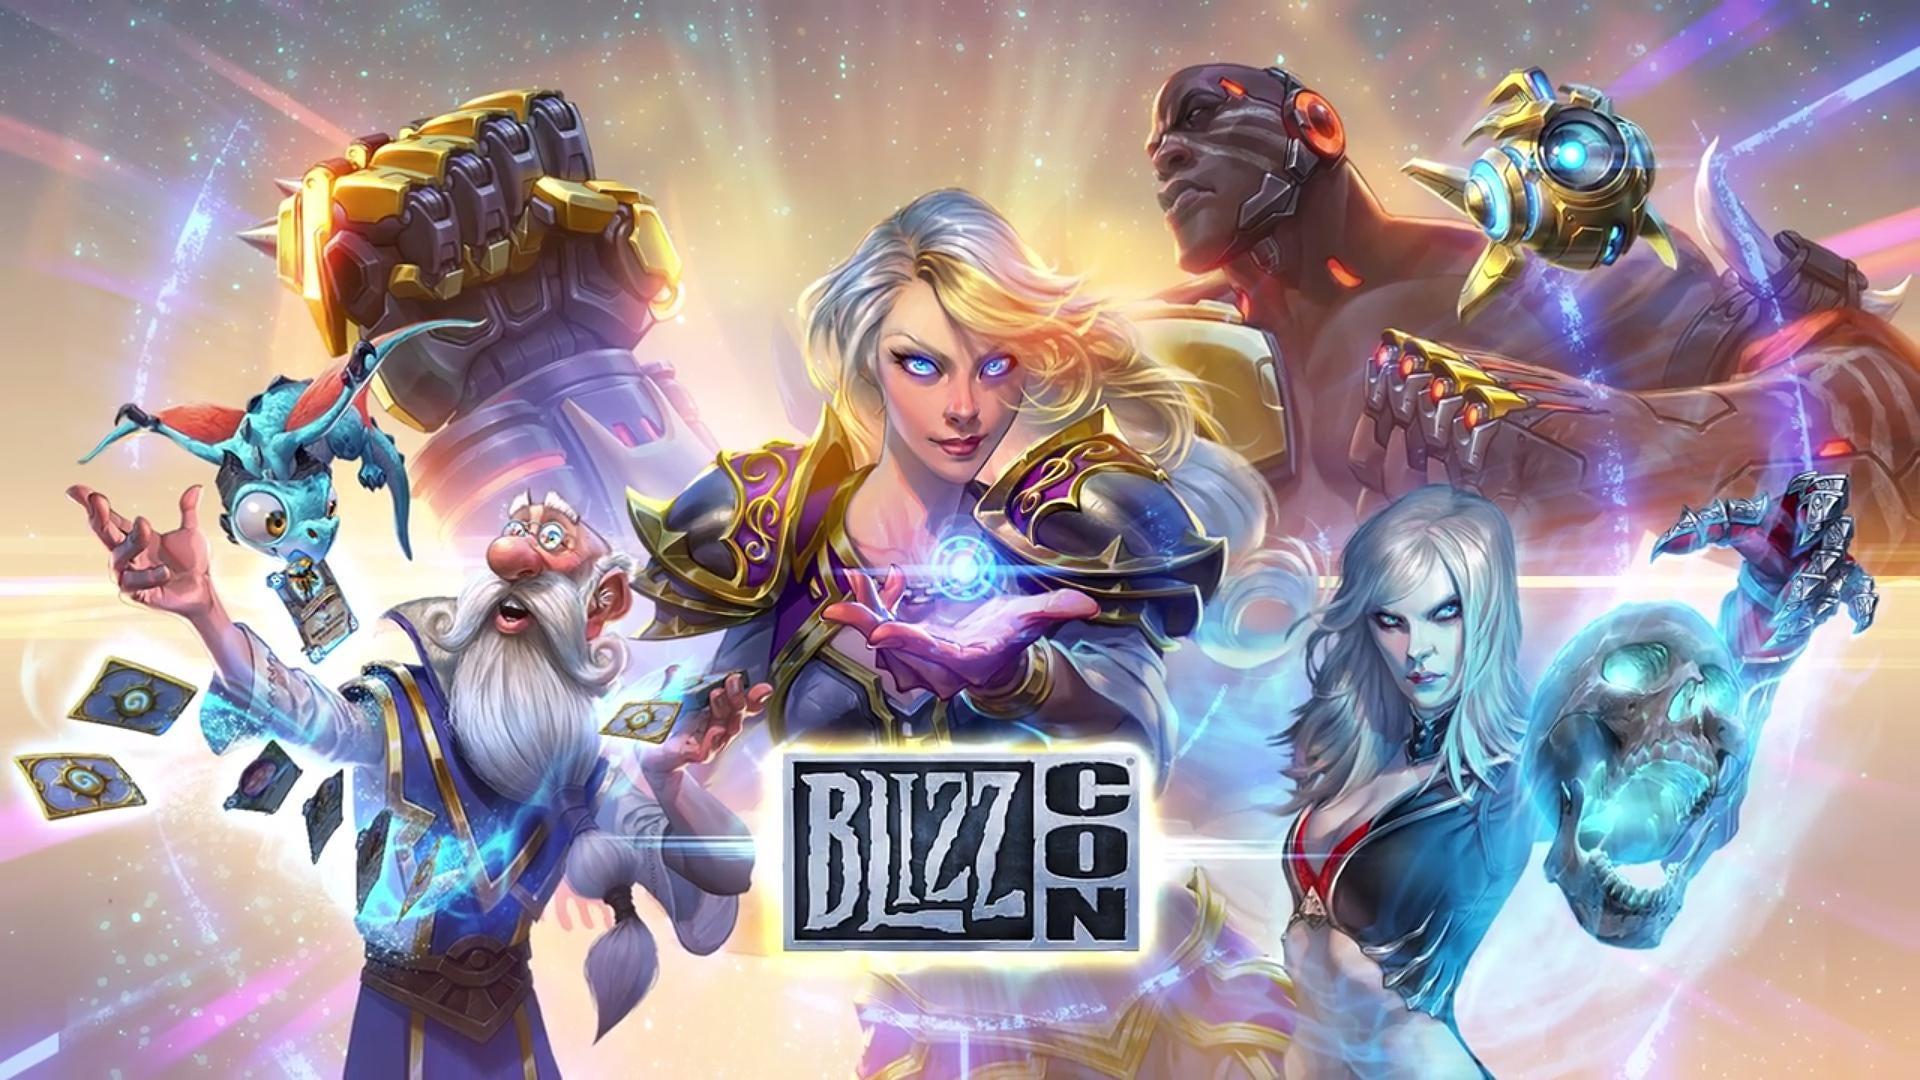 Blizzcon 2017 Overwatch World Of Warcraft Hearthstone